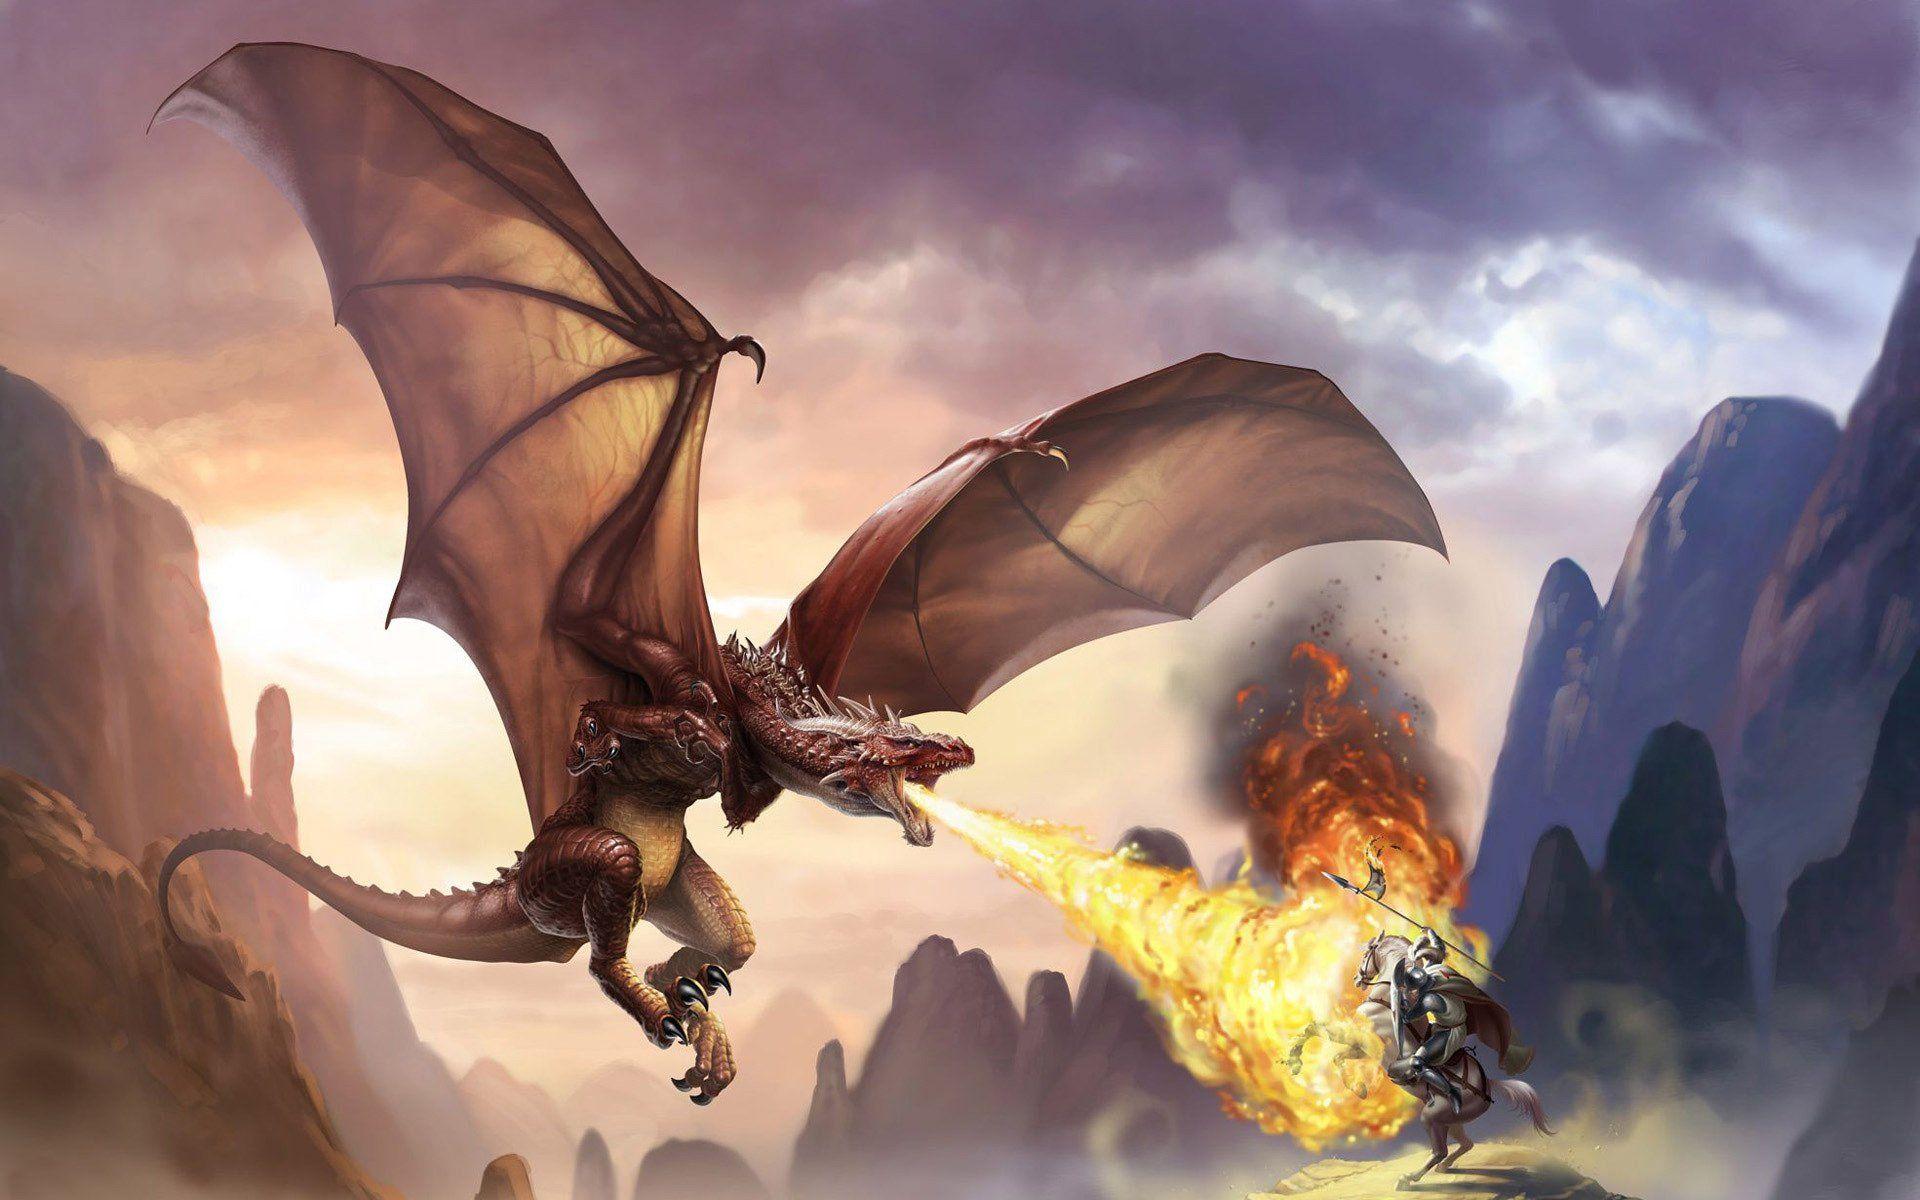 вместо фэнтези дракон смотреть картинки отвергнуть общепринятые понятия